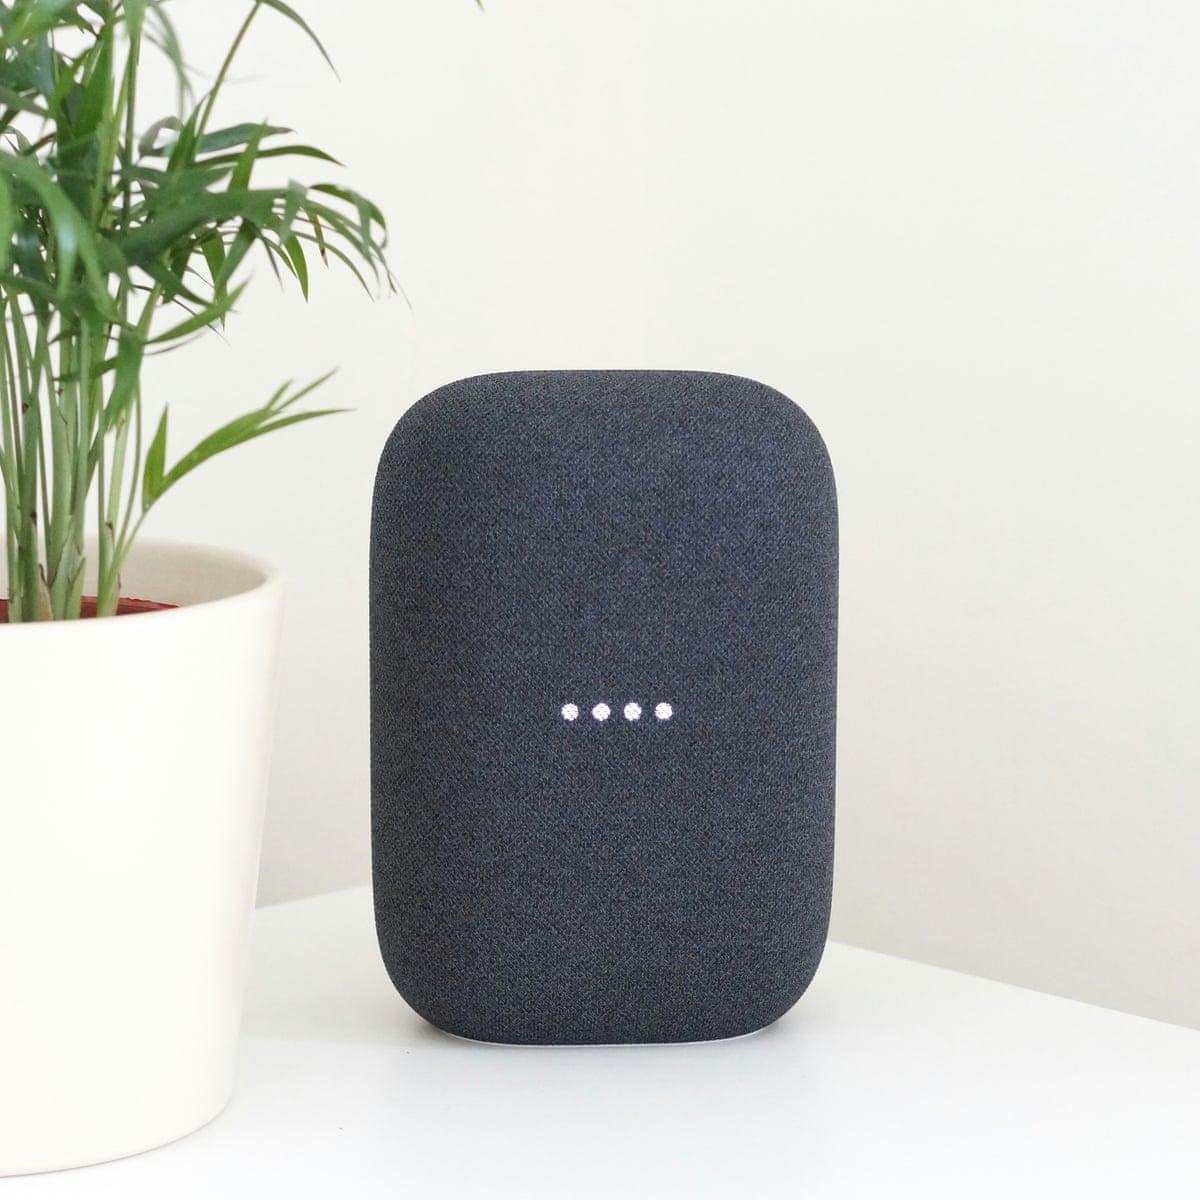 Loa thông minh Google Nest Audio tích hợp trợ lý ảo - Hàng Nhập Khẩu